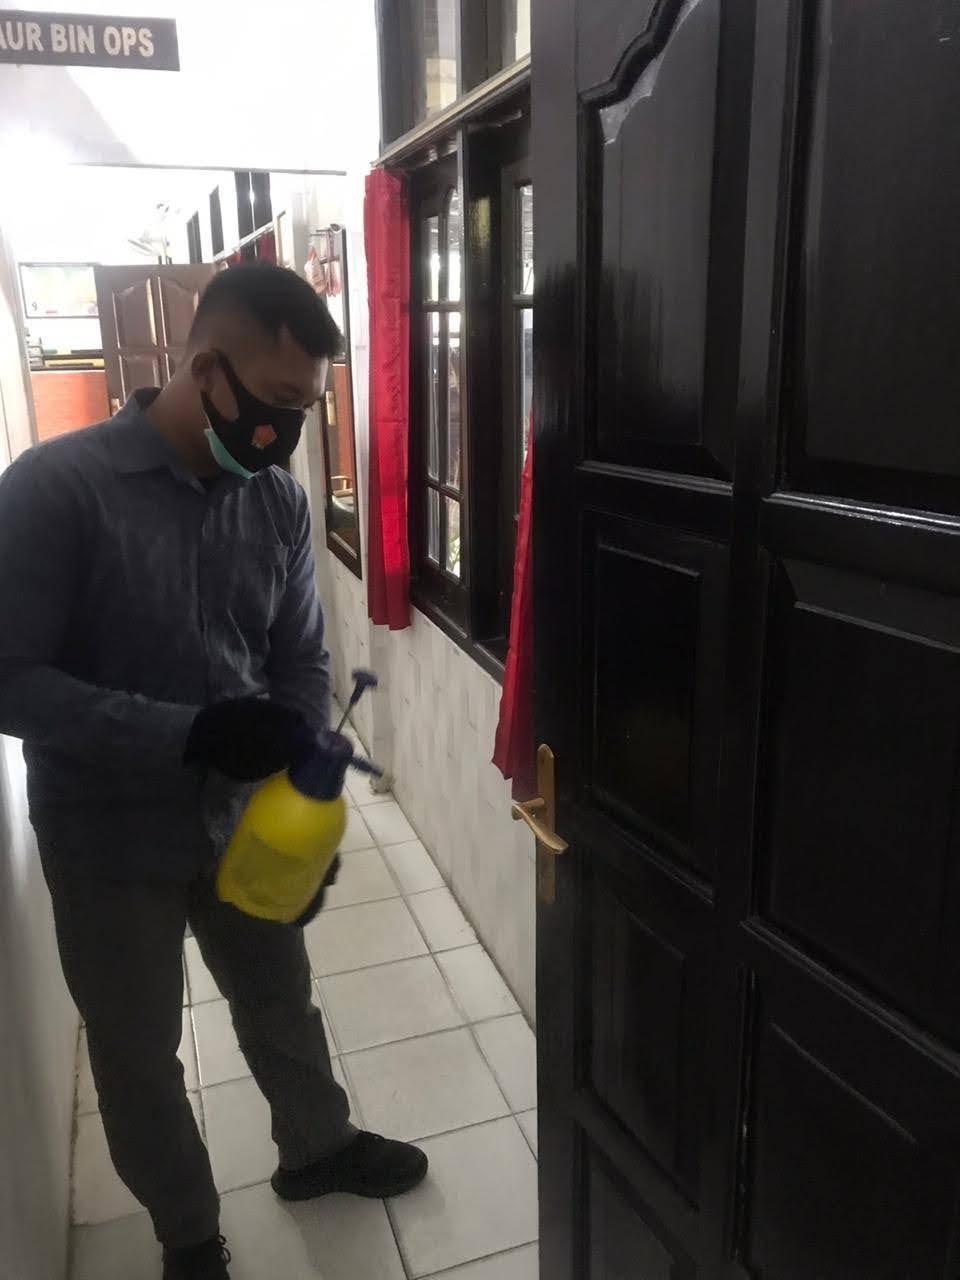 Cegah Penyebaran Covid-19, Satintelkam Polres Kobar Lakukan Penyemprotan Cairan Disinfektan